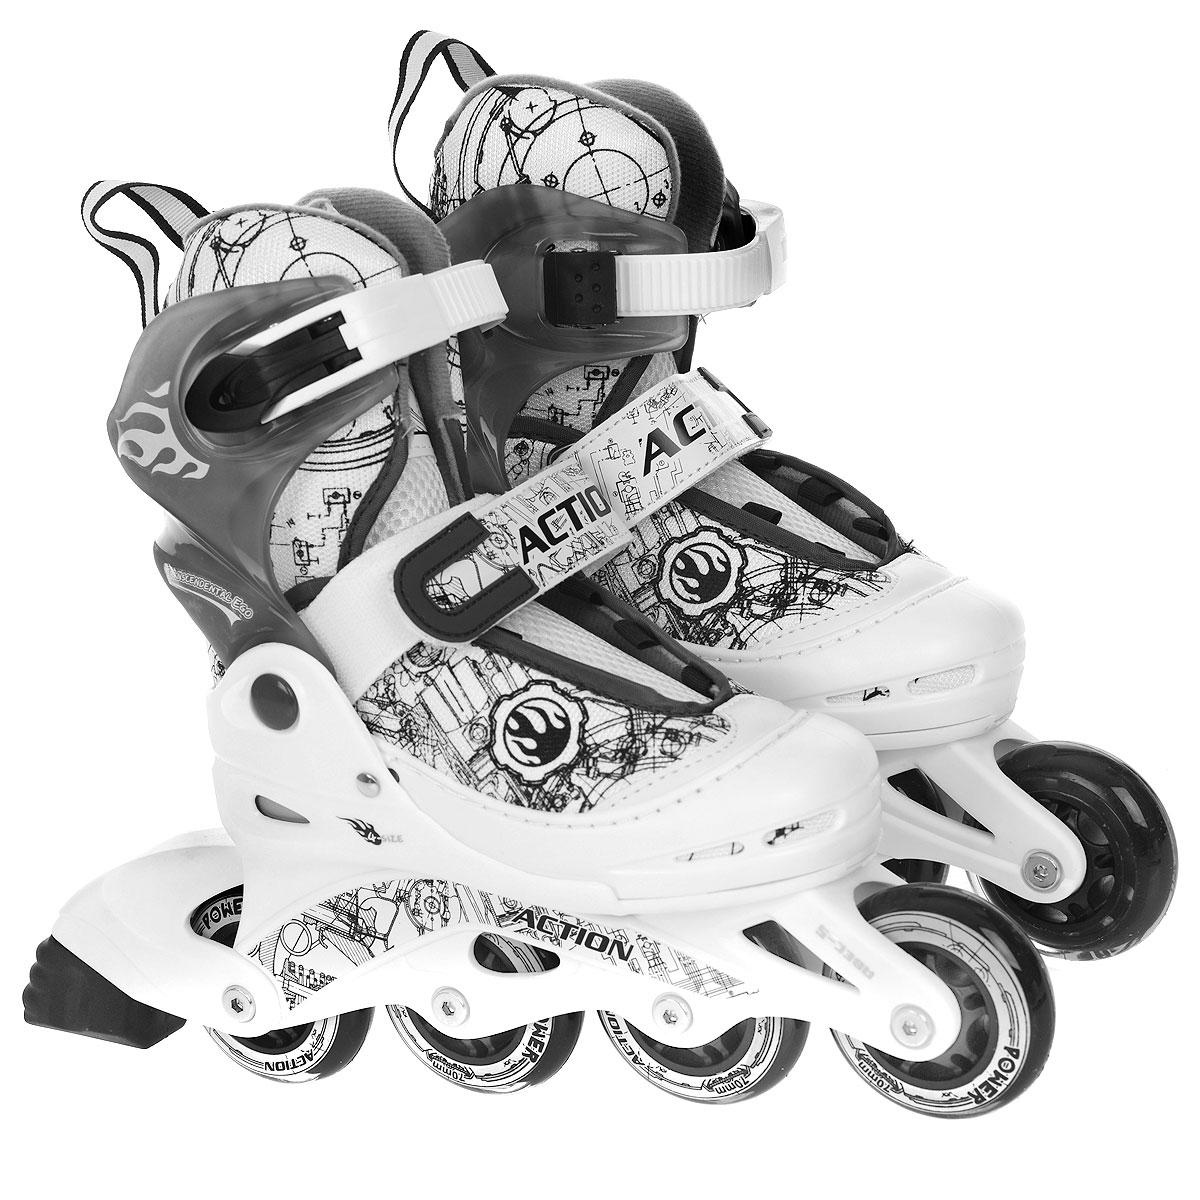 Коньки роликовые Action, раздвижные, цвет: белый, серый. PW-118. Размер 38/41PW-118Раздвижные роликовые коньки Action с мягким ботинком предназначены для любительского катания. Коньки имеют мягкий ботинок с раздвижным механизмом, что обеспечивает хорошую посадку и пластичность, а для еще более комфортного катания ботинки коньков оснащены классической системой шнуровки, клипсой с фиксатором, ремешком на липучке и пяточным ремнем. Облегченная, анатомически облегающая конструкция обеспечивает улучшенную боковую поддержку и полный контроль над движением. Стельки роликов выполнены из двух материалов: базовый для обеспечения формы стельки; дополнительный - покрытие стельки мягким материалом для удобного одевания и комфорта. Рама изготовлена из пластика, а колеса из полиуретана с карбоновыми подшипниками ABEC5. В каждой модели роликов есть тормоз. Роликовые коньки - это прекрасная возможность активного время провождения, отличный способ снять напряжение после трудового дня, пообщаться с друзьями, завести новые знакомства и повысить свою самооценку. При...